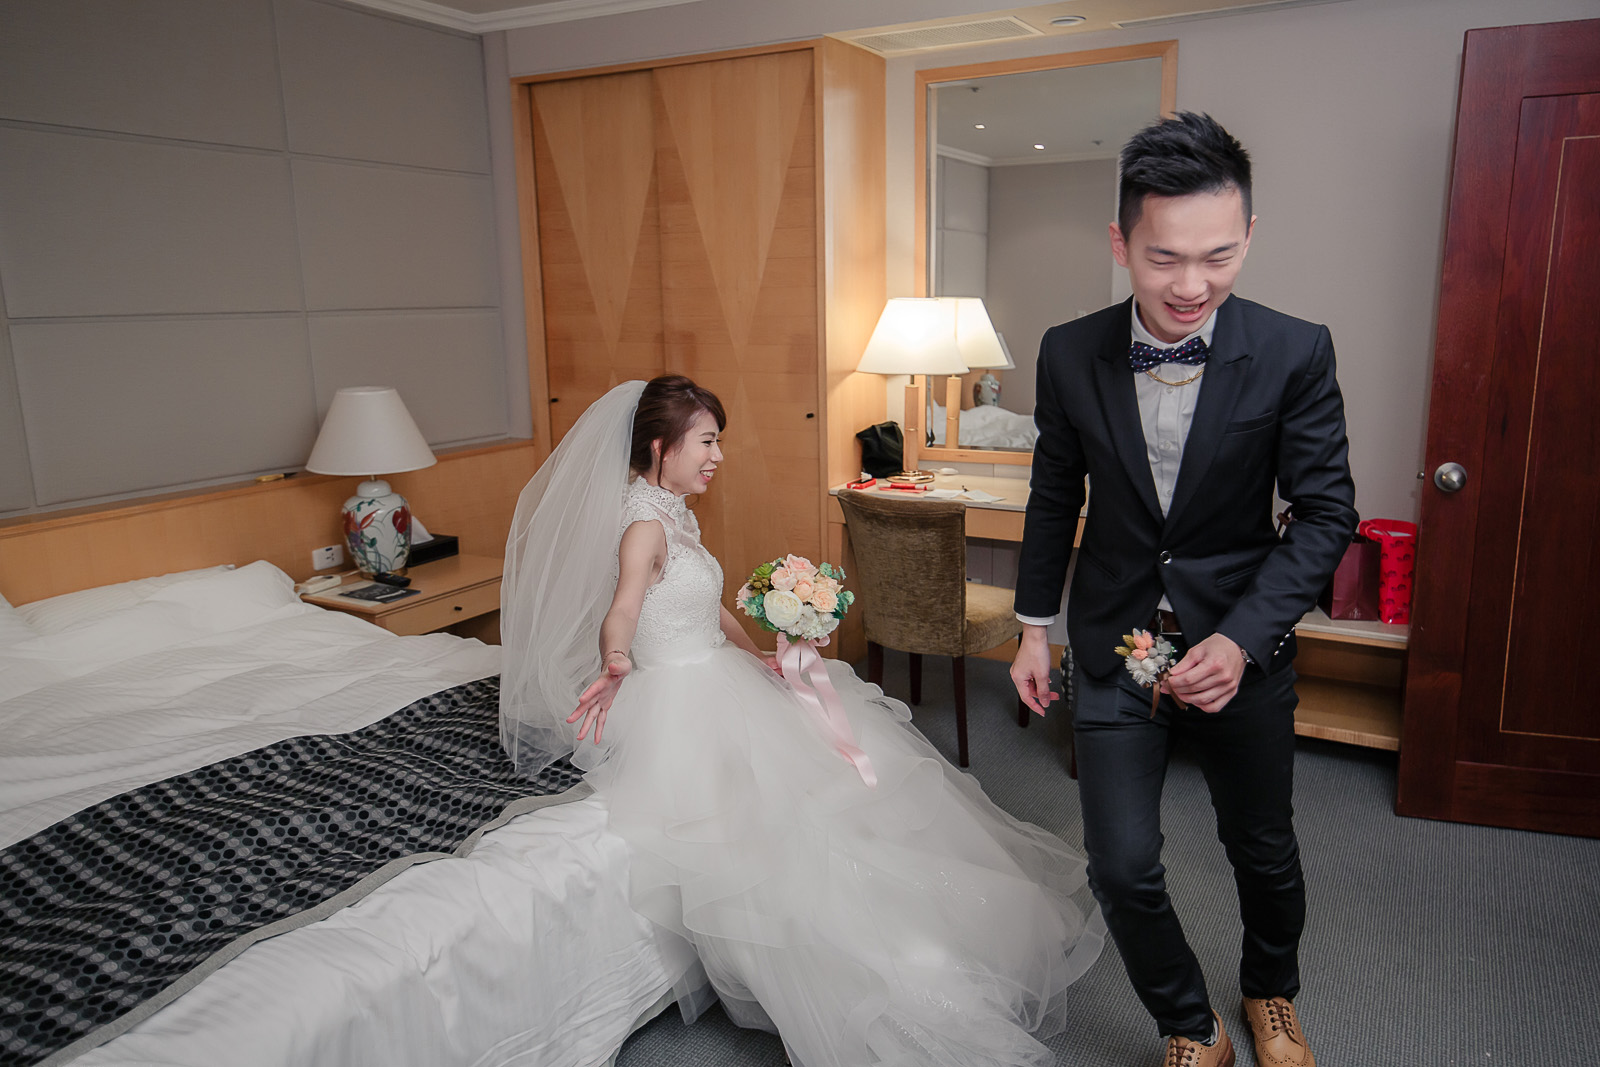 高雄圓山飯店,婚禮攝影,婚攝,高雄婚攝,優質婚攝推薦,Jen&Ethan-133